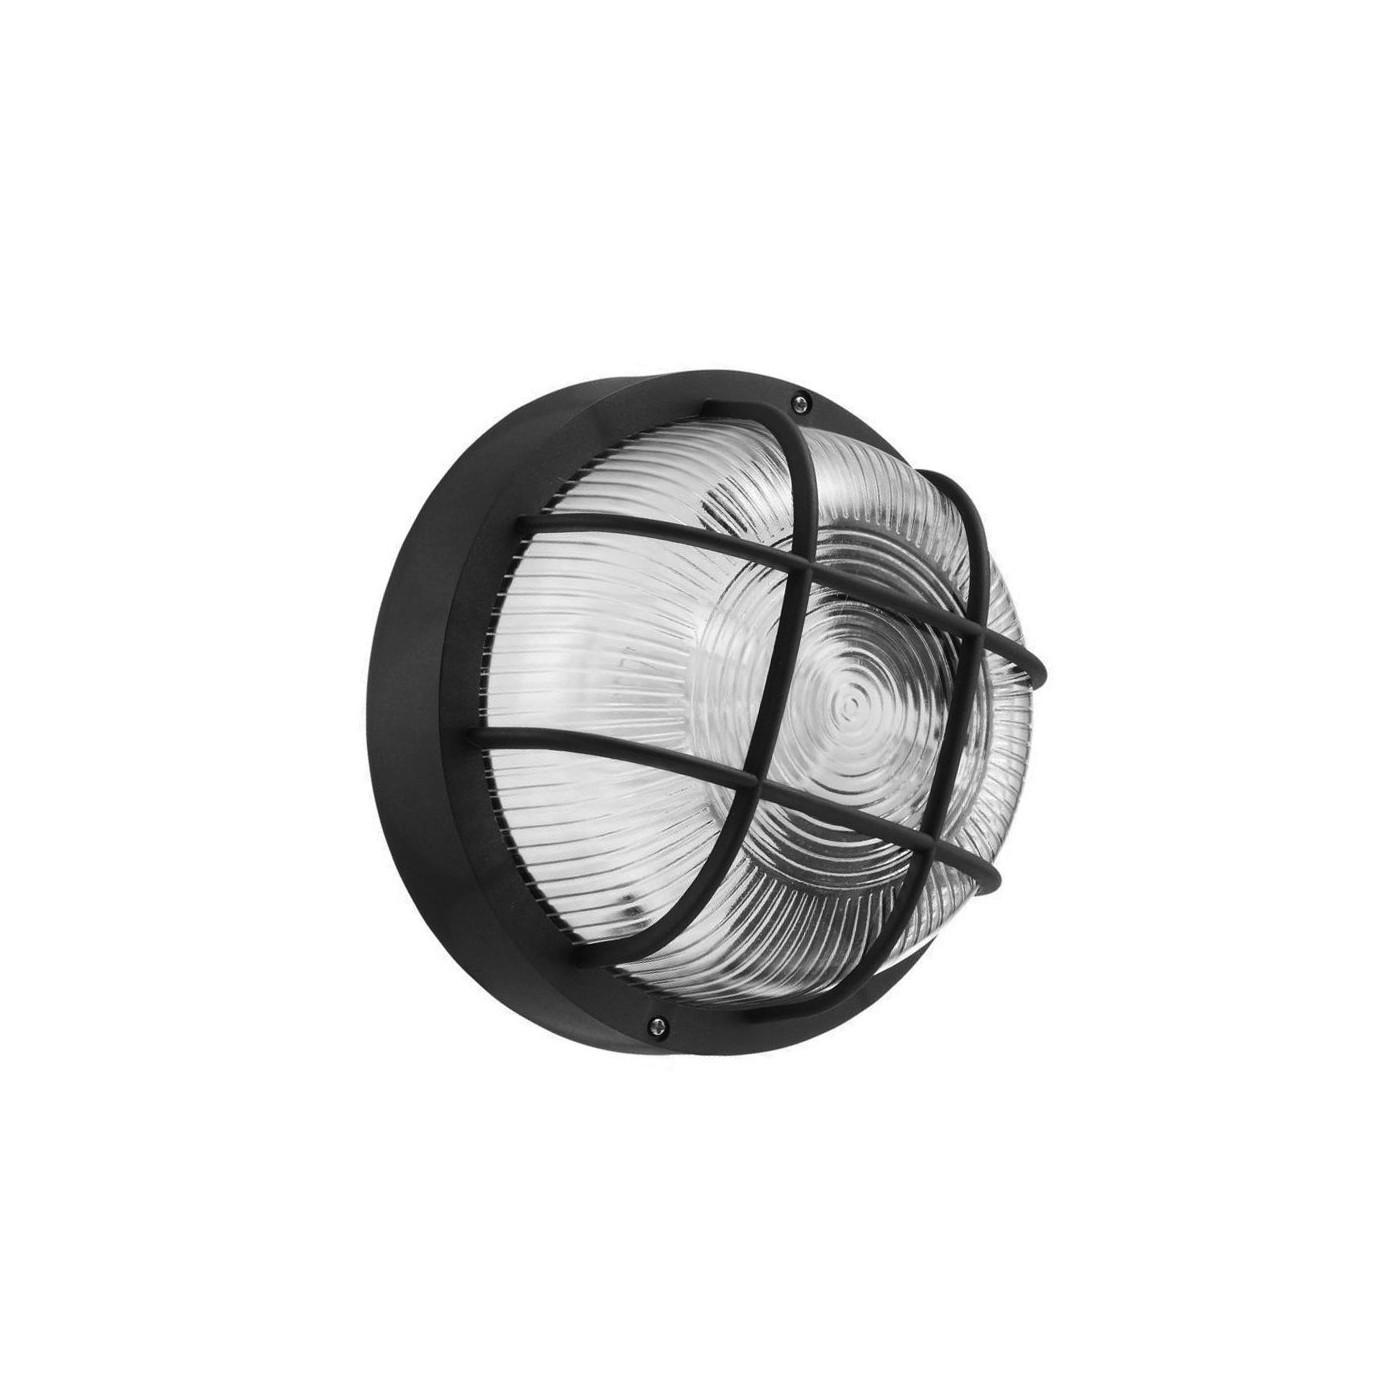 Runde Bullseye Lampe, Schwarz E27  - 1